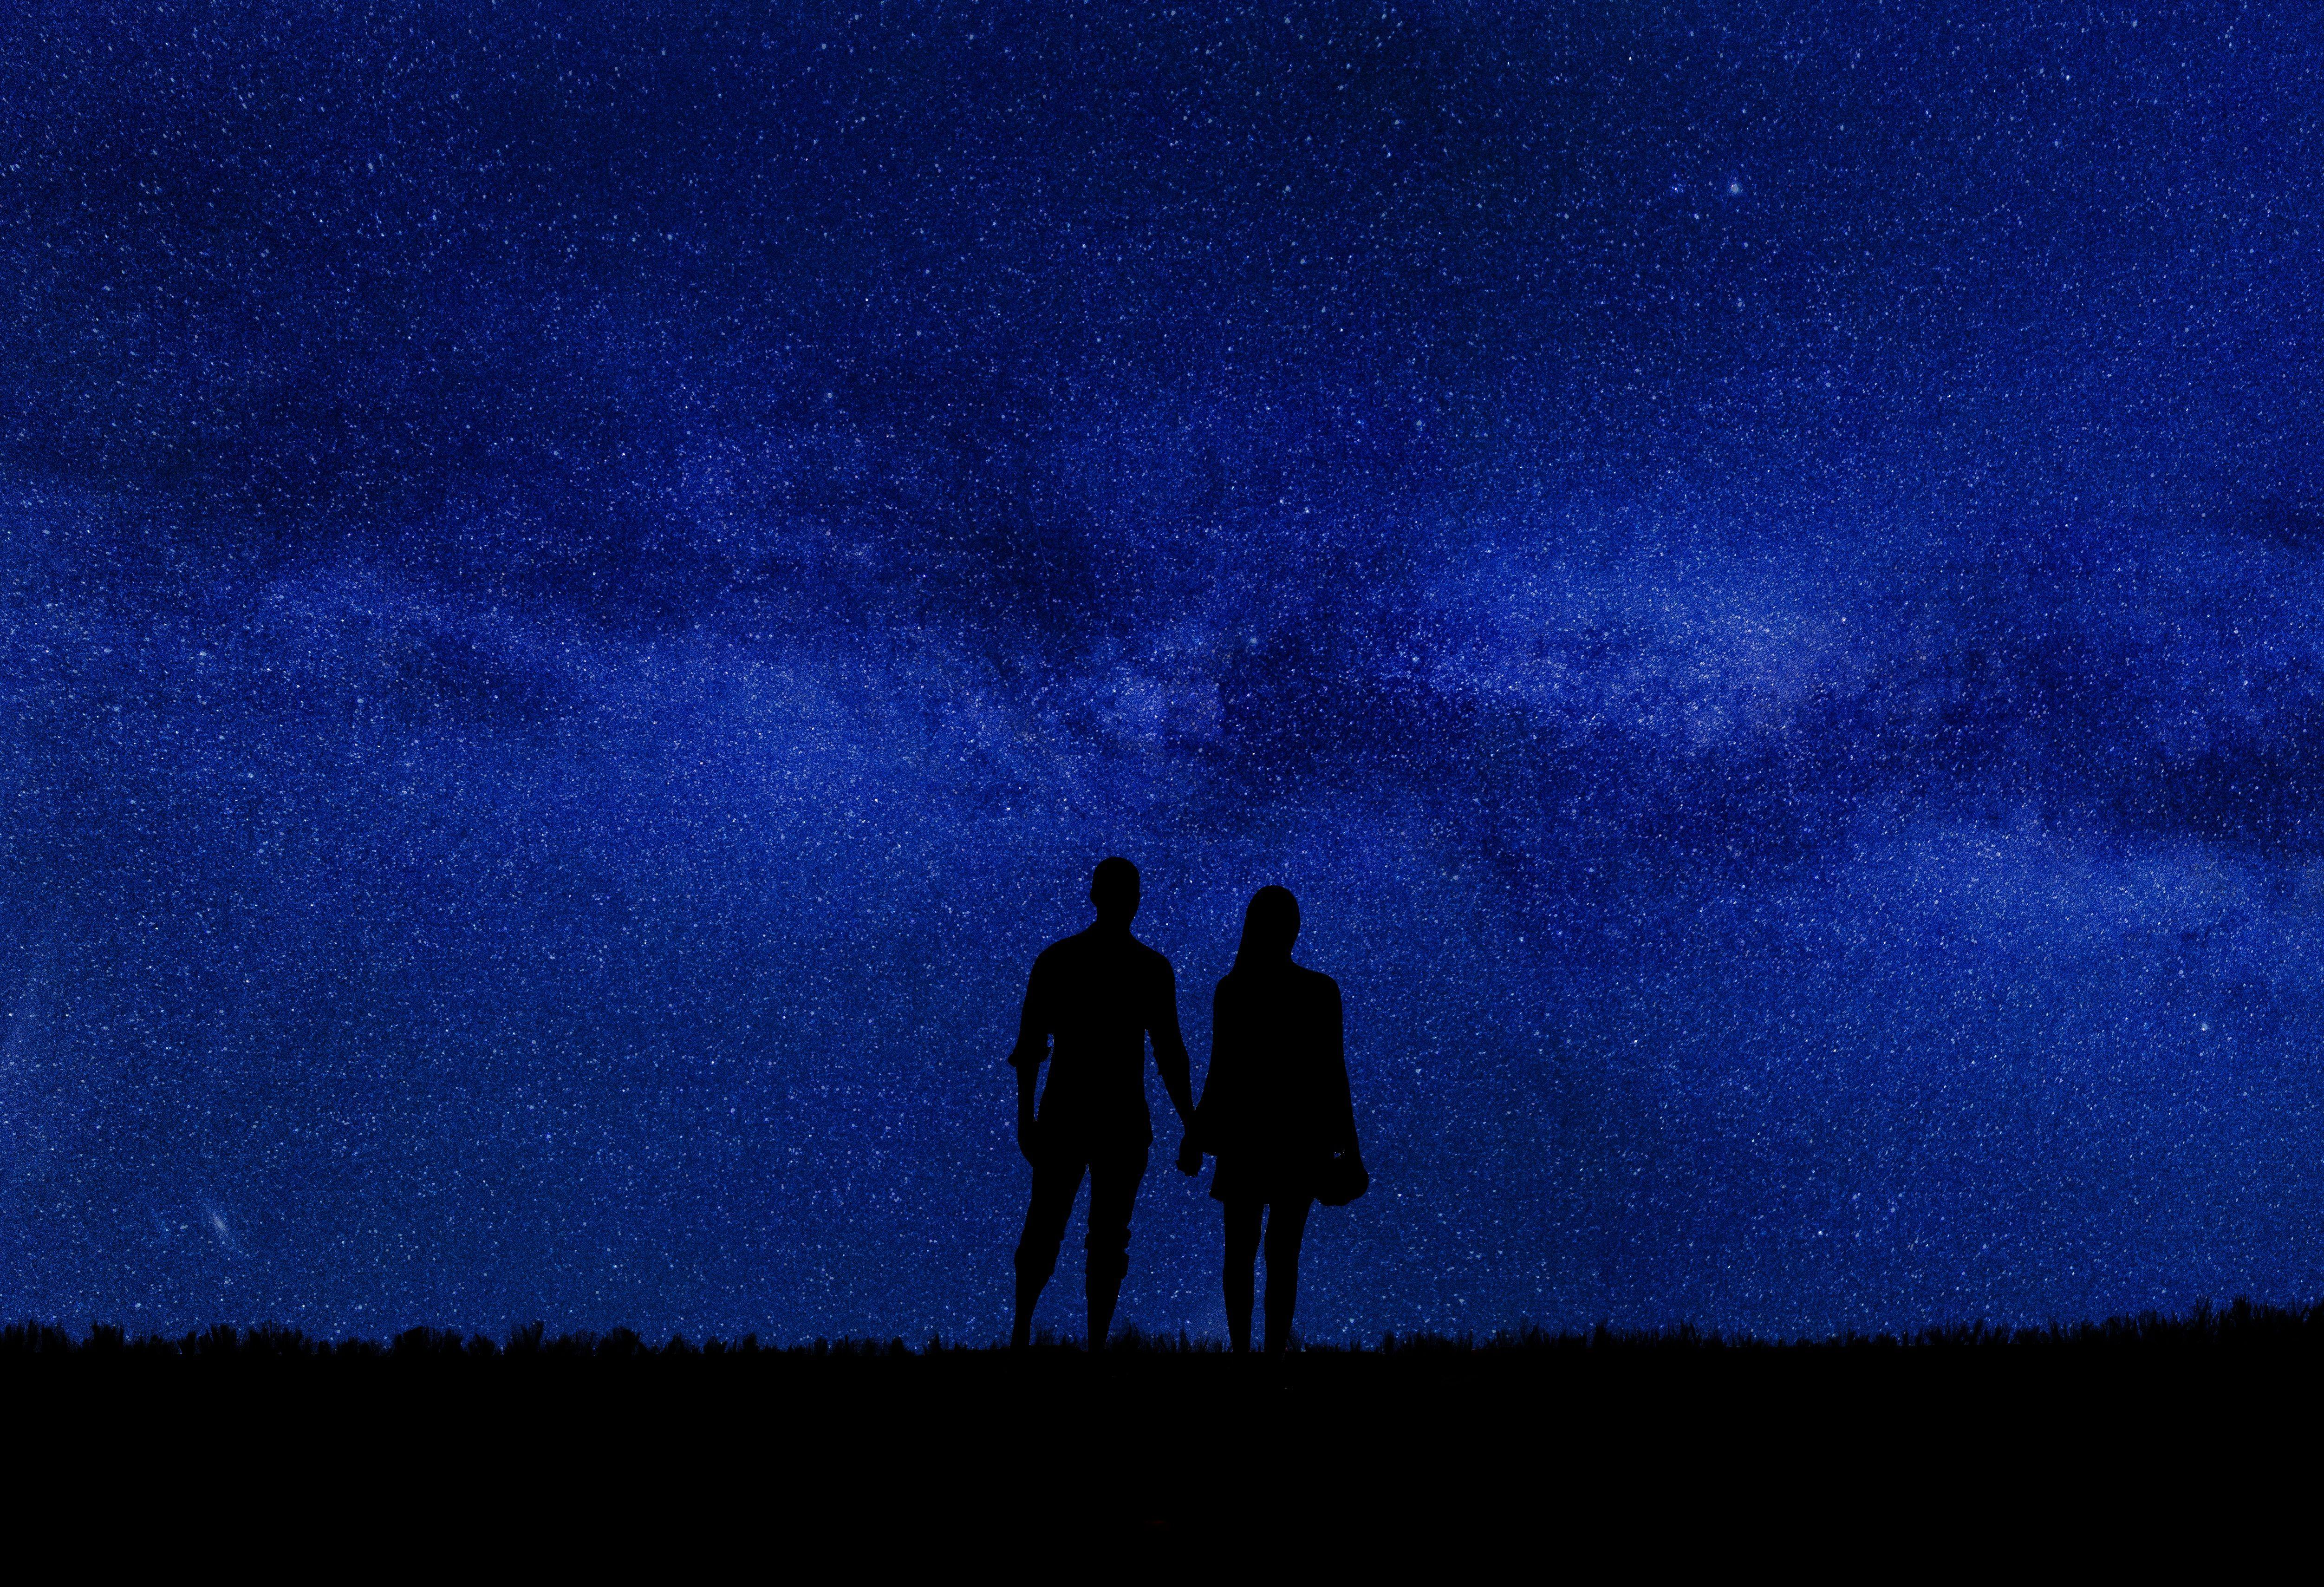 122393 Заставки и Обои Любовь на телефон. Скачать Любовь, Пара, Силуэты, Звездное Небо, Романтика, Ночь картинки бесплатно